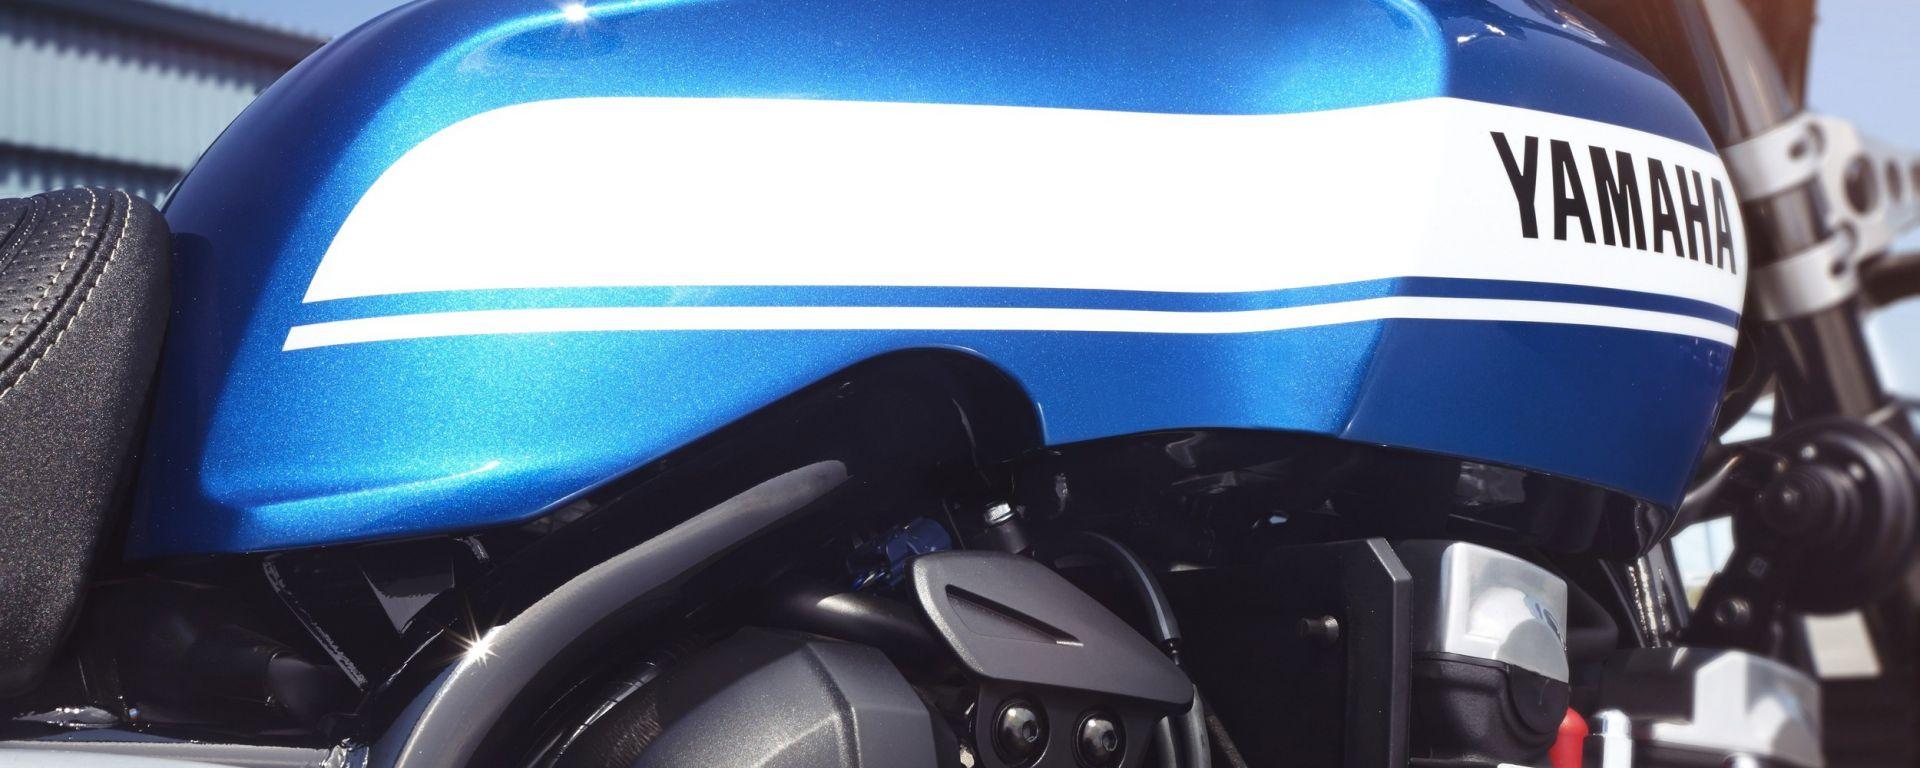 Yamaha XJR1300 e XJR1300 Racer 2015